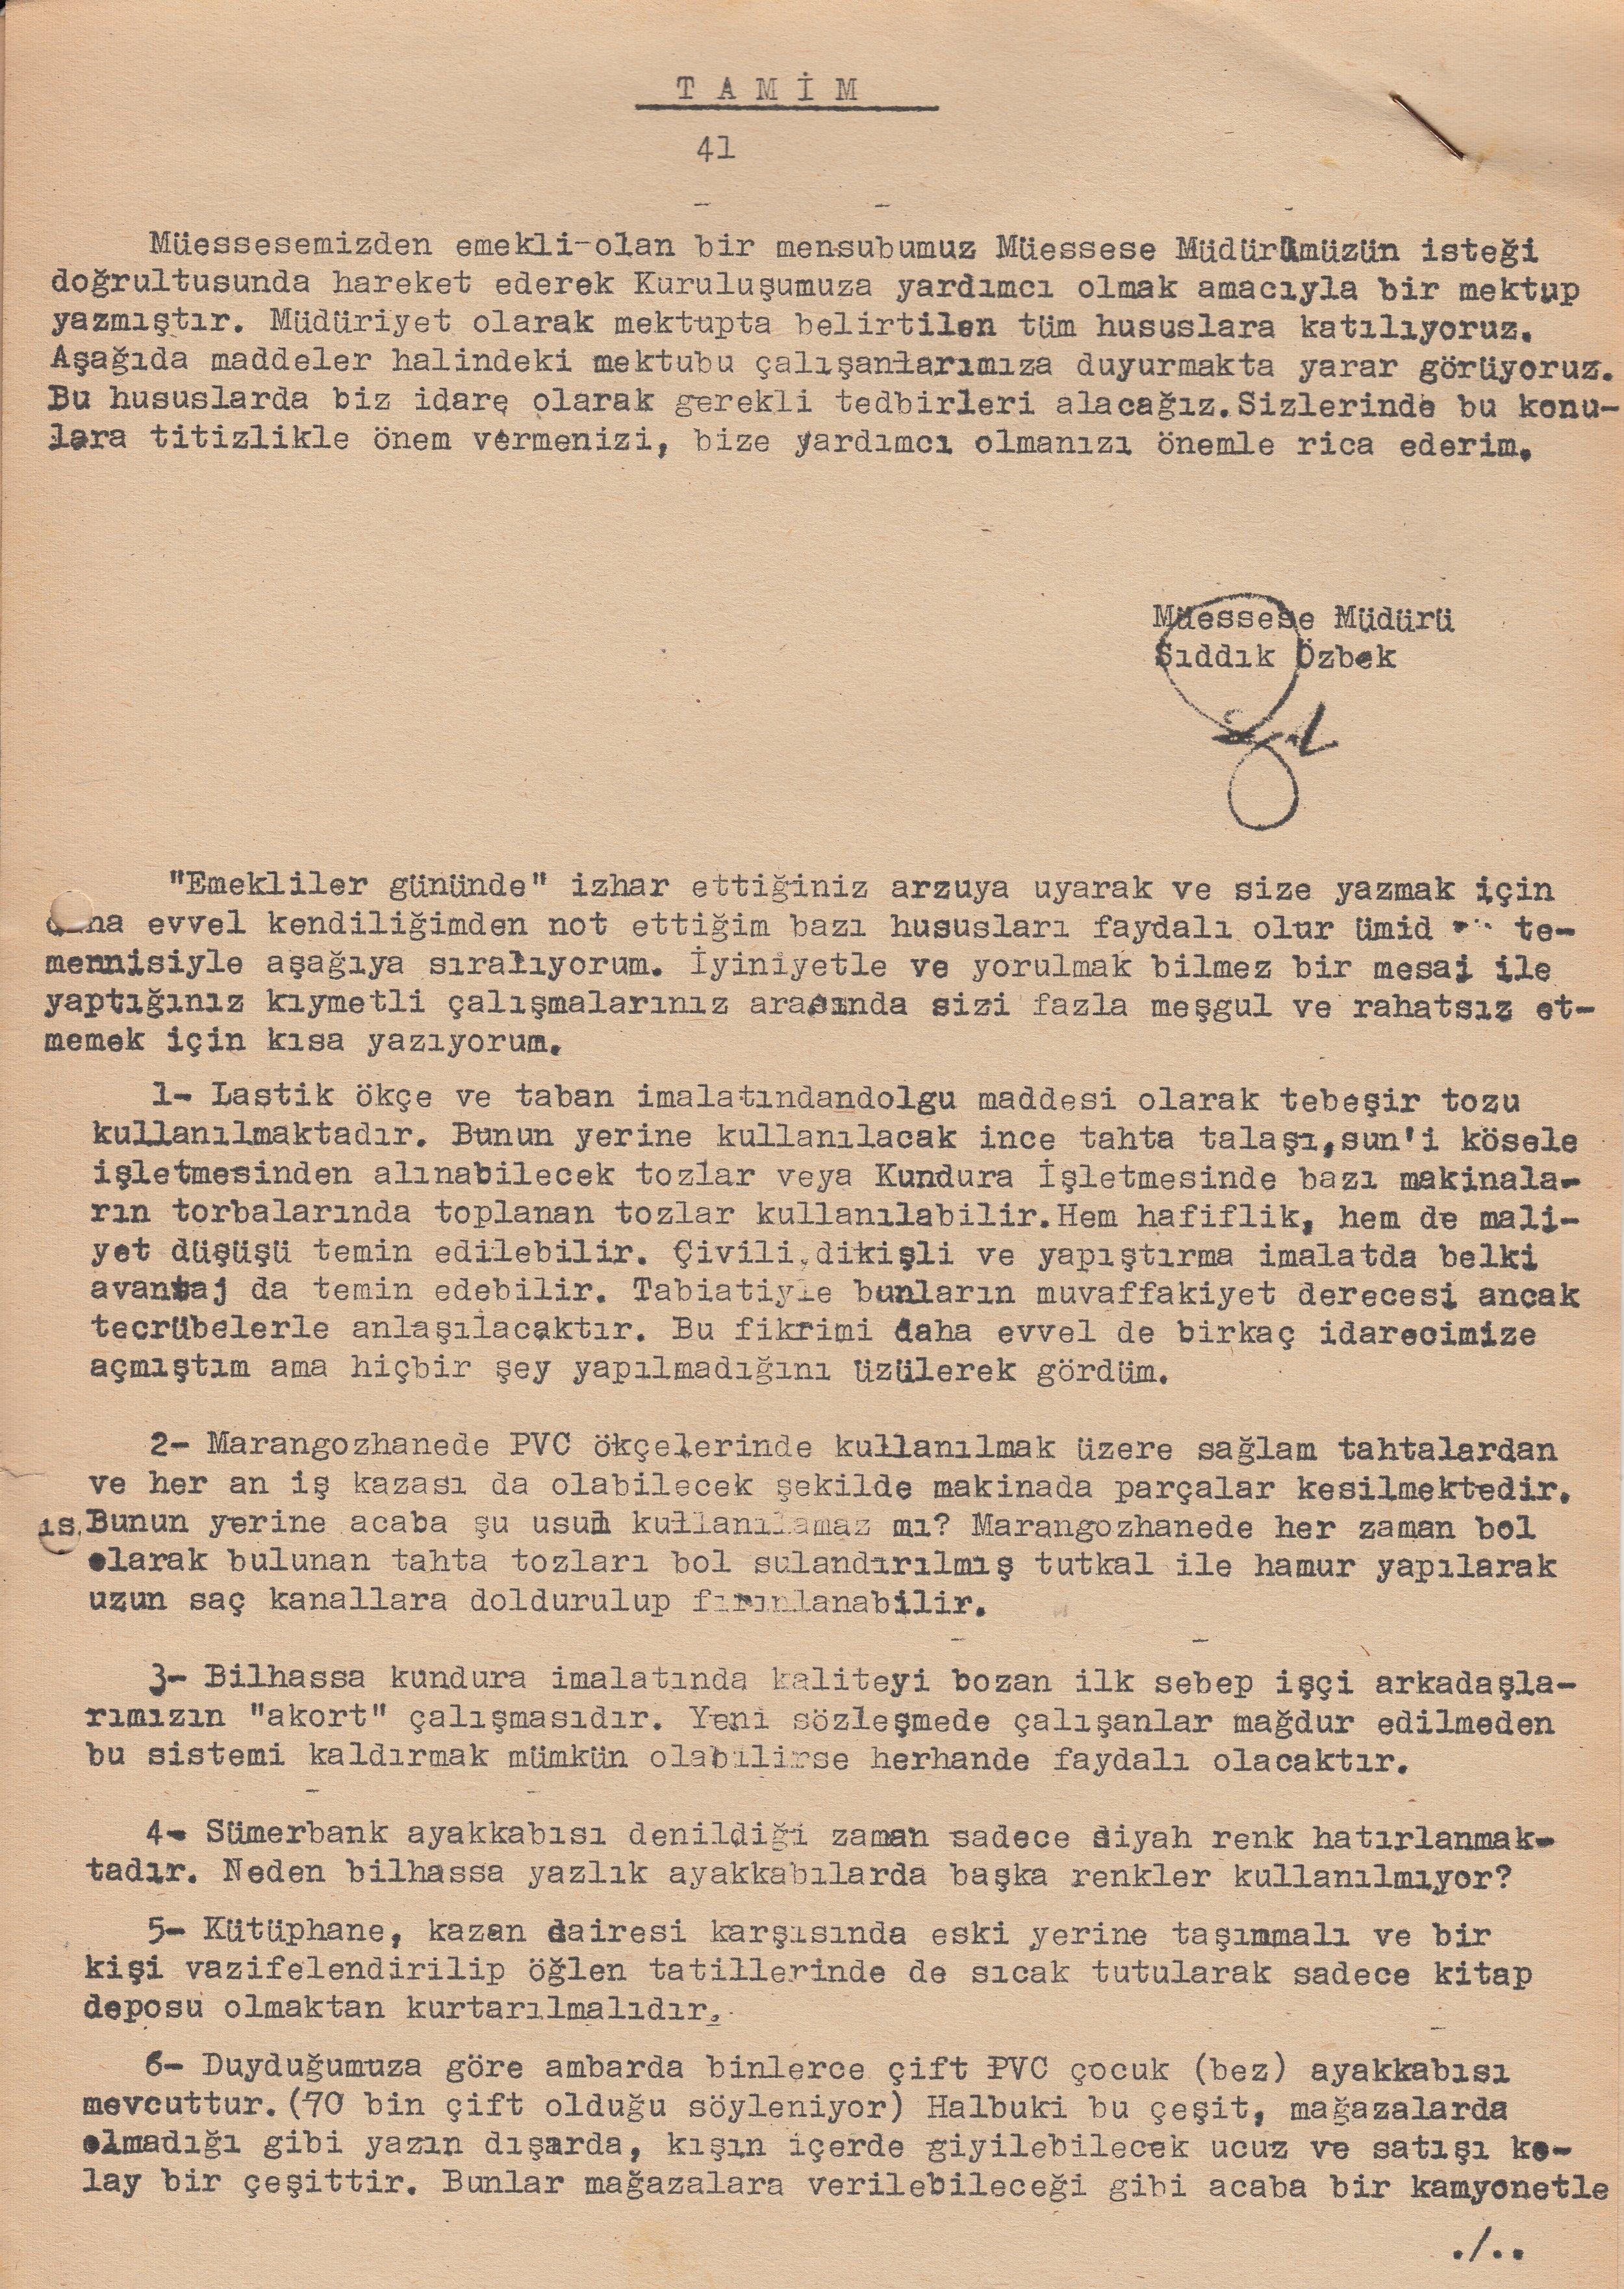 Sıddık Özbek (emekli mektubu).jpg